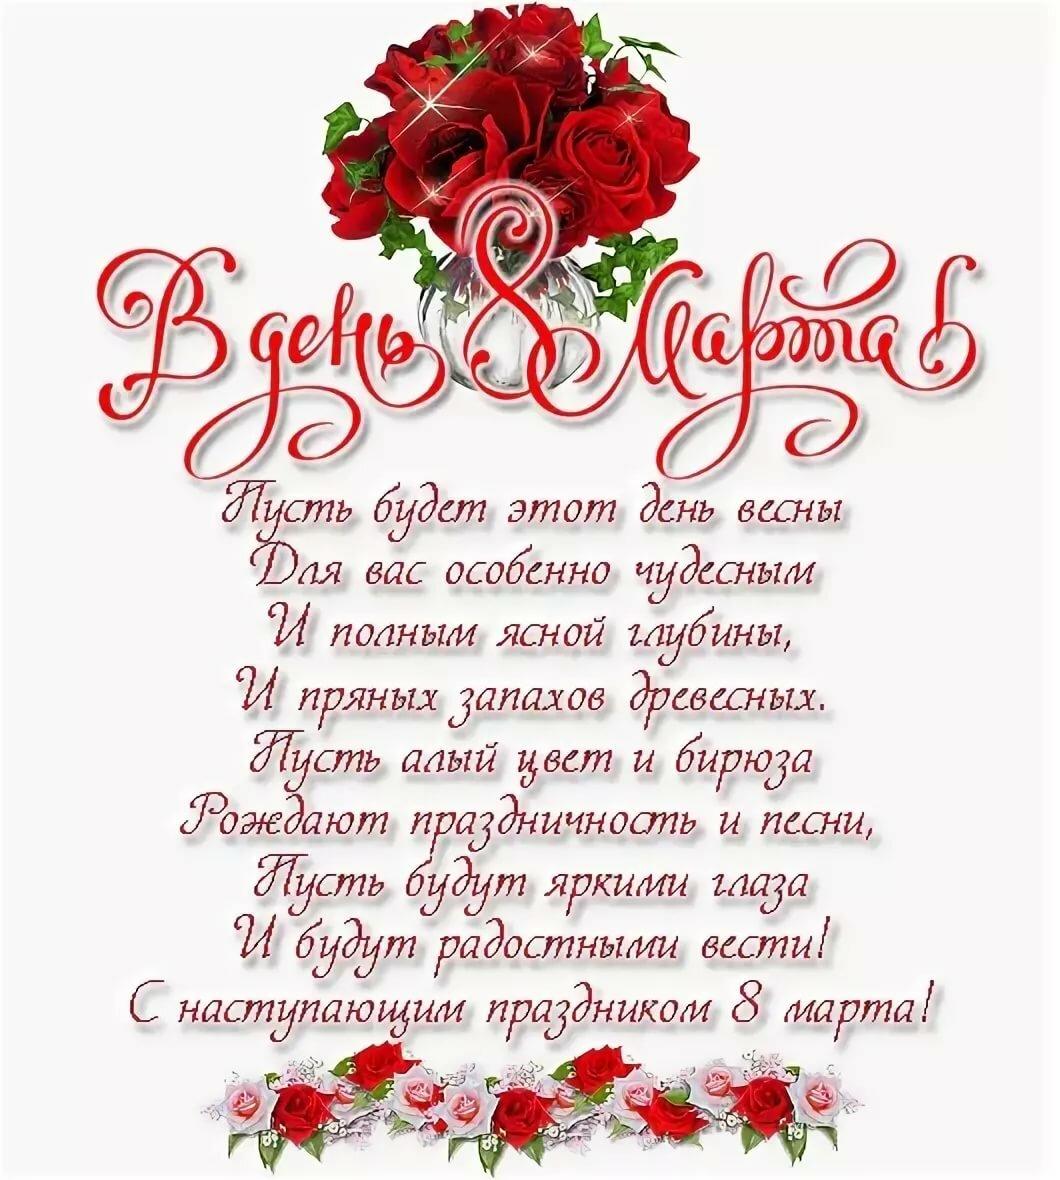 Поздравление с 8 марта всем женщинам от детей